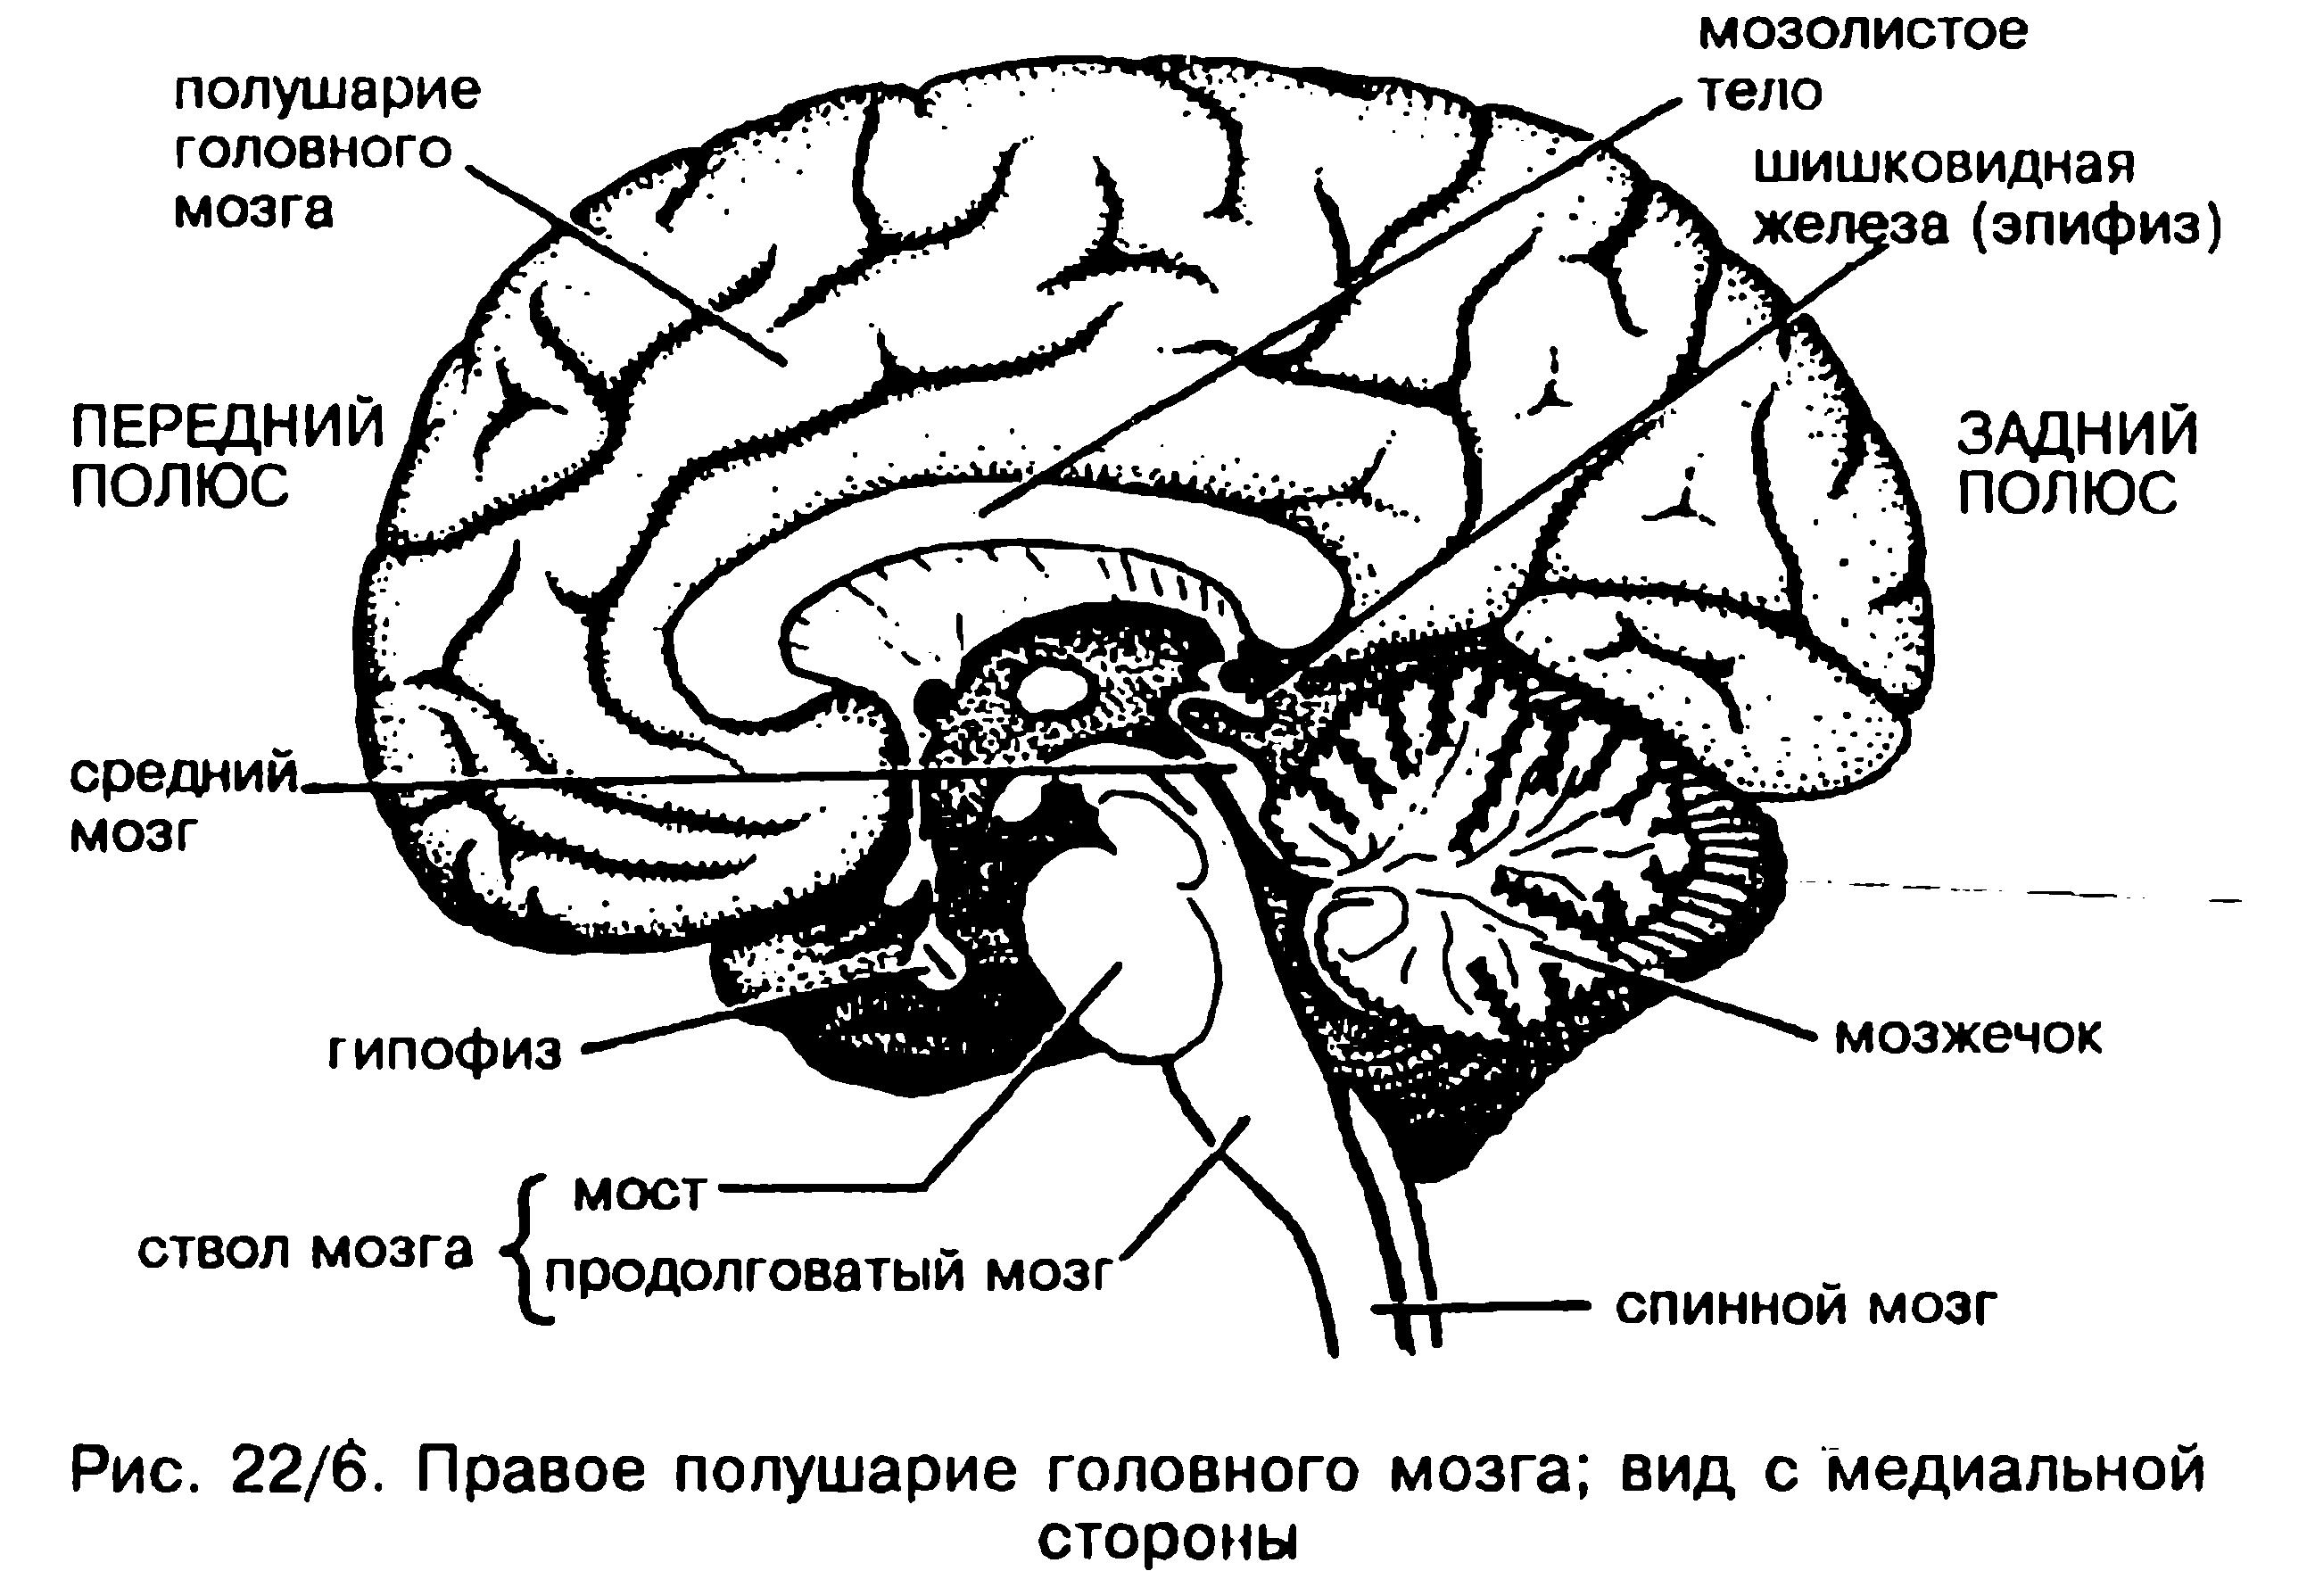 является самым строение мозга человека картинка скаткой